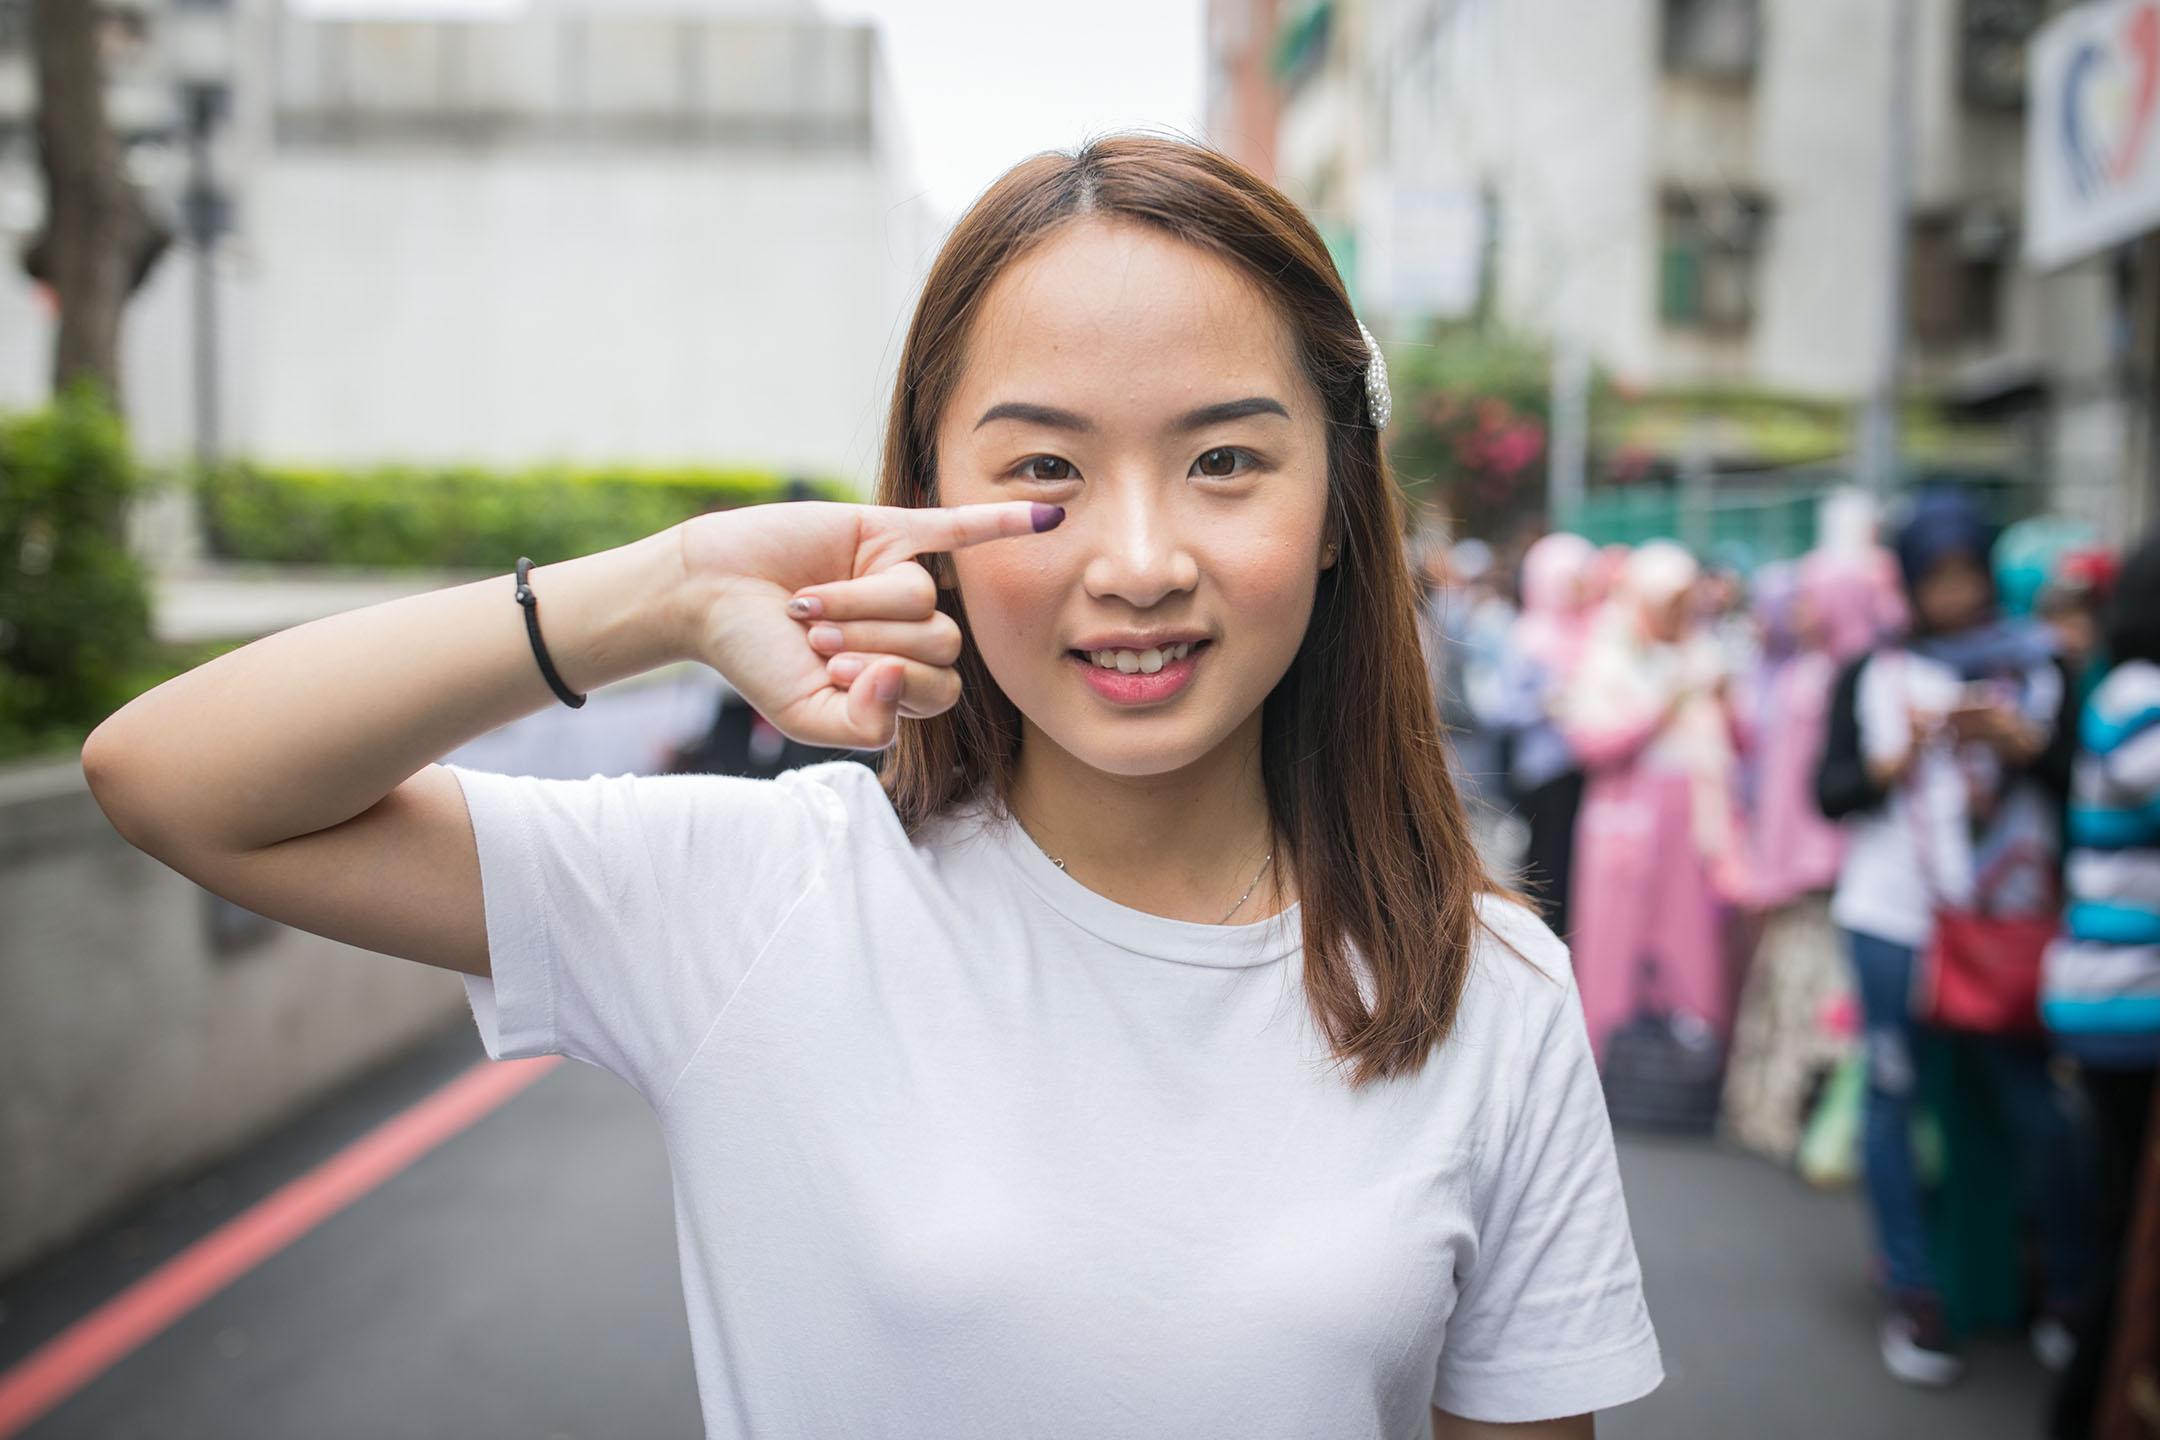 2019年4月14日,台北一處投票所外,銘傳大學印尼生林艷玲在台灣首投,為本屆印尼大選投出手中一票。 攝:陳焯煇/端傳媒